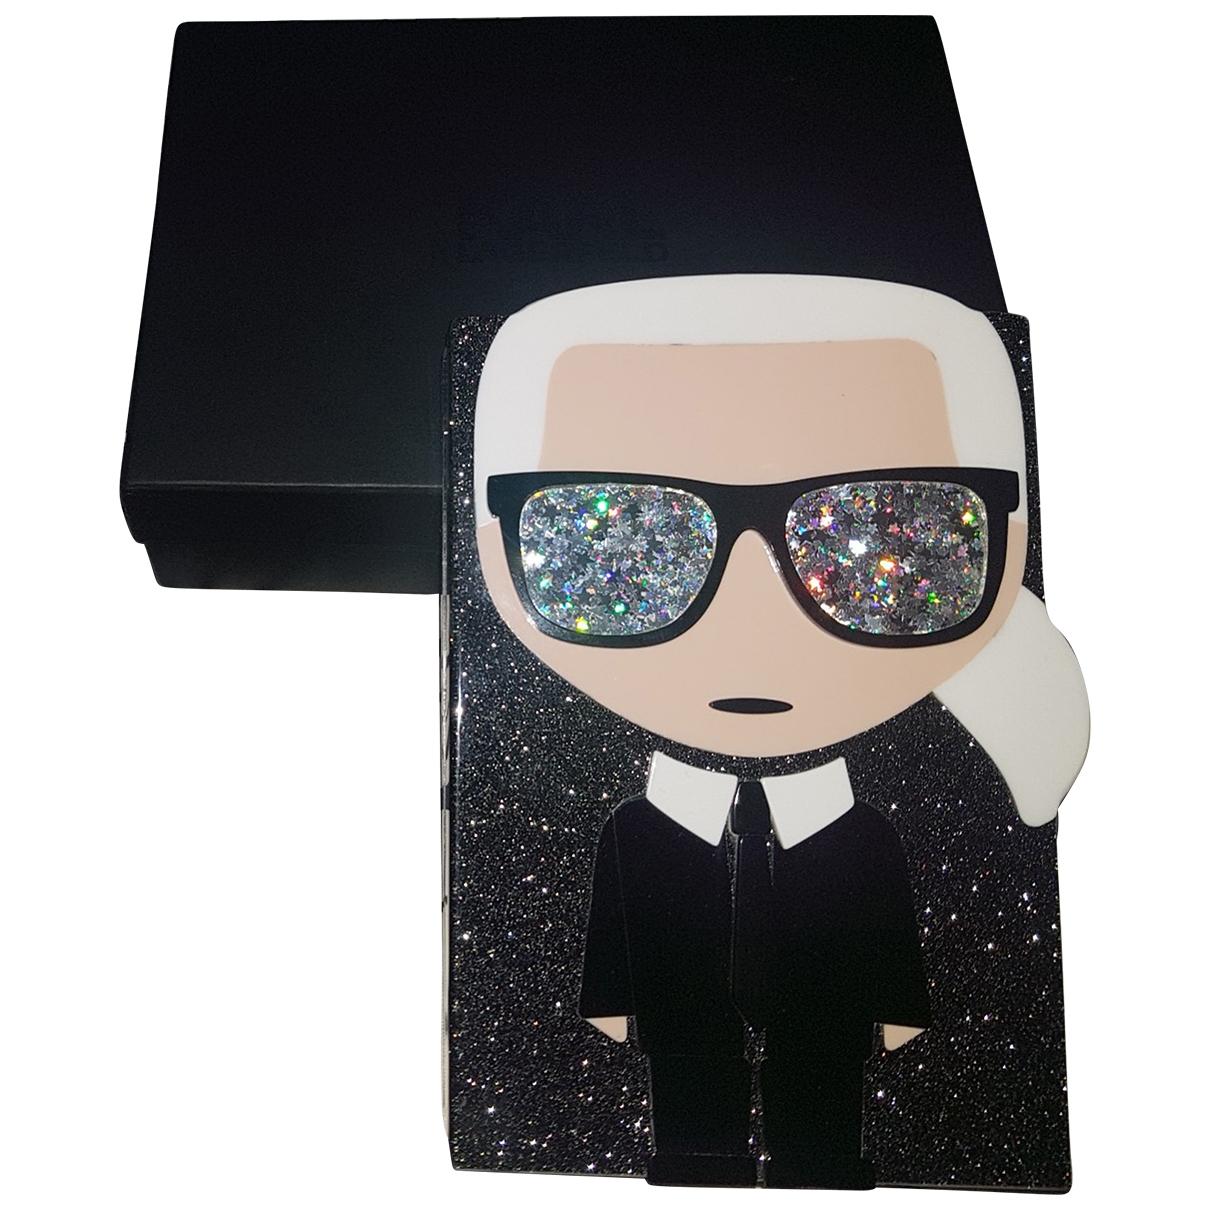 Bolsos clutch en Sintetico Multicolor Karl Lagerfeld